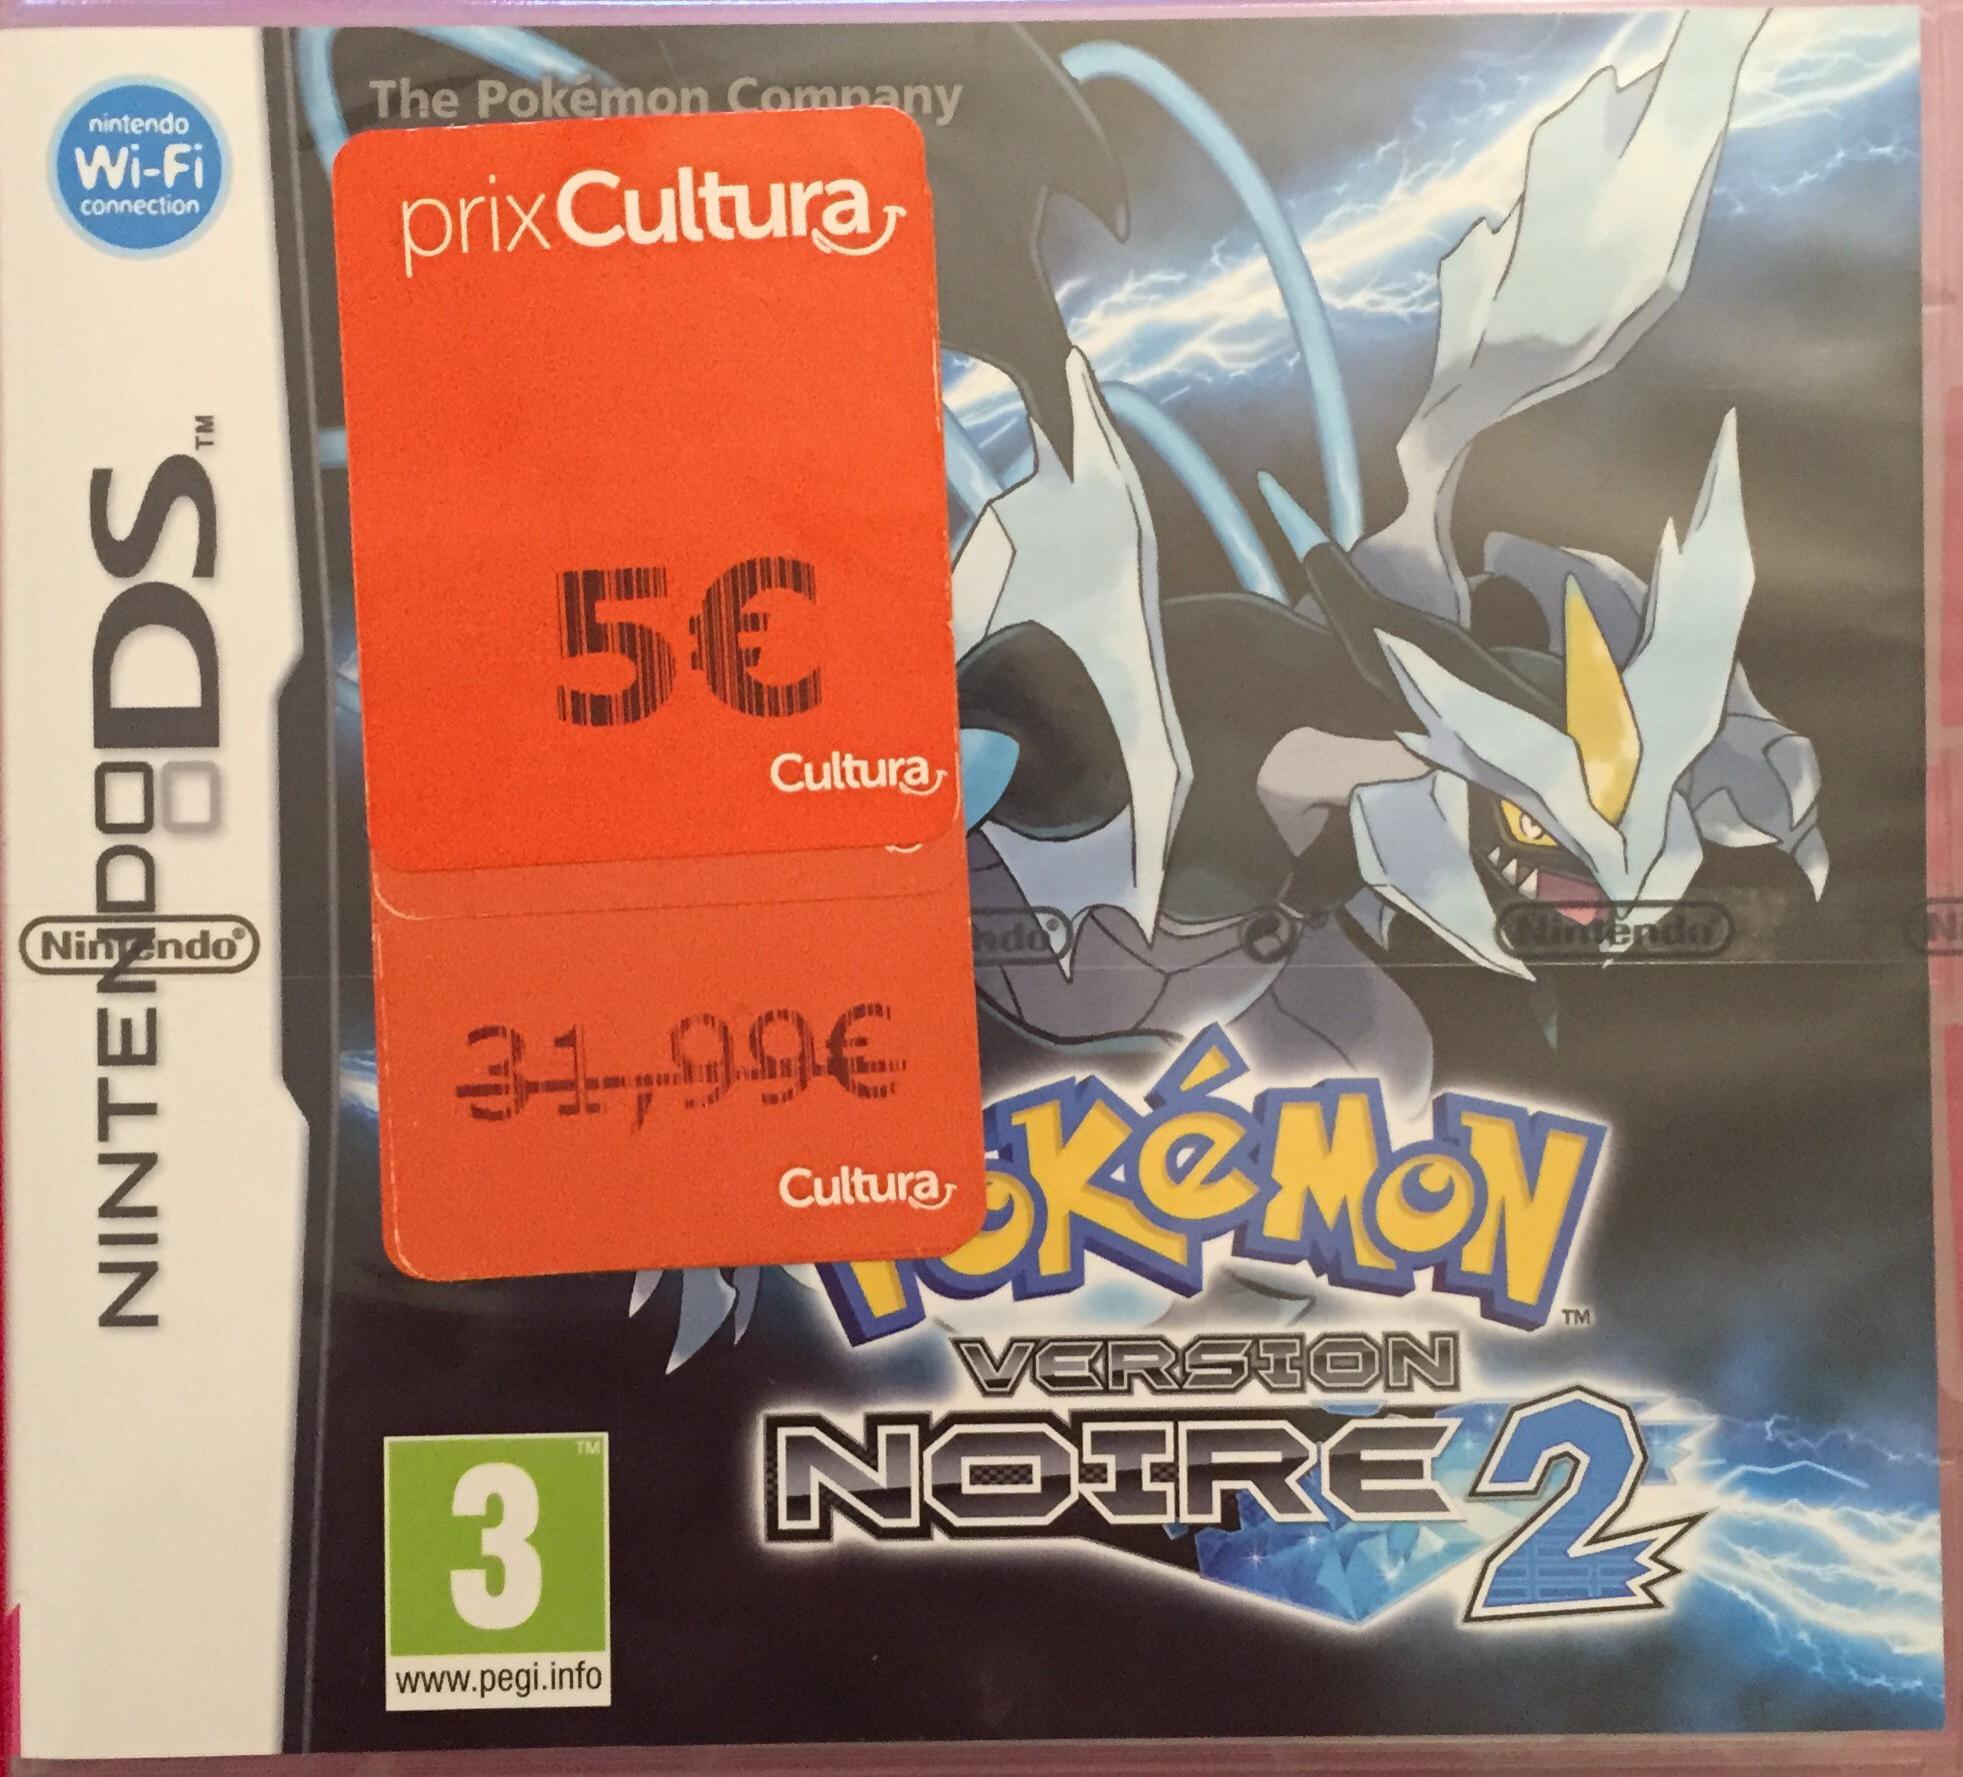 Jeu Pokemon version Noire 2 sur Nintendo DS